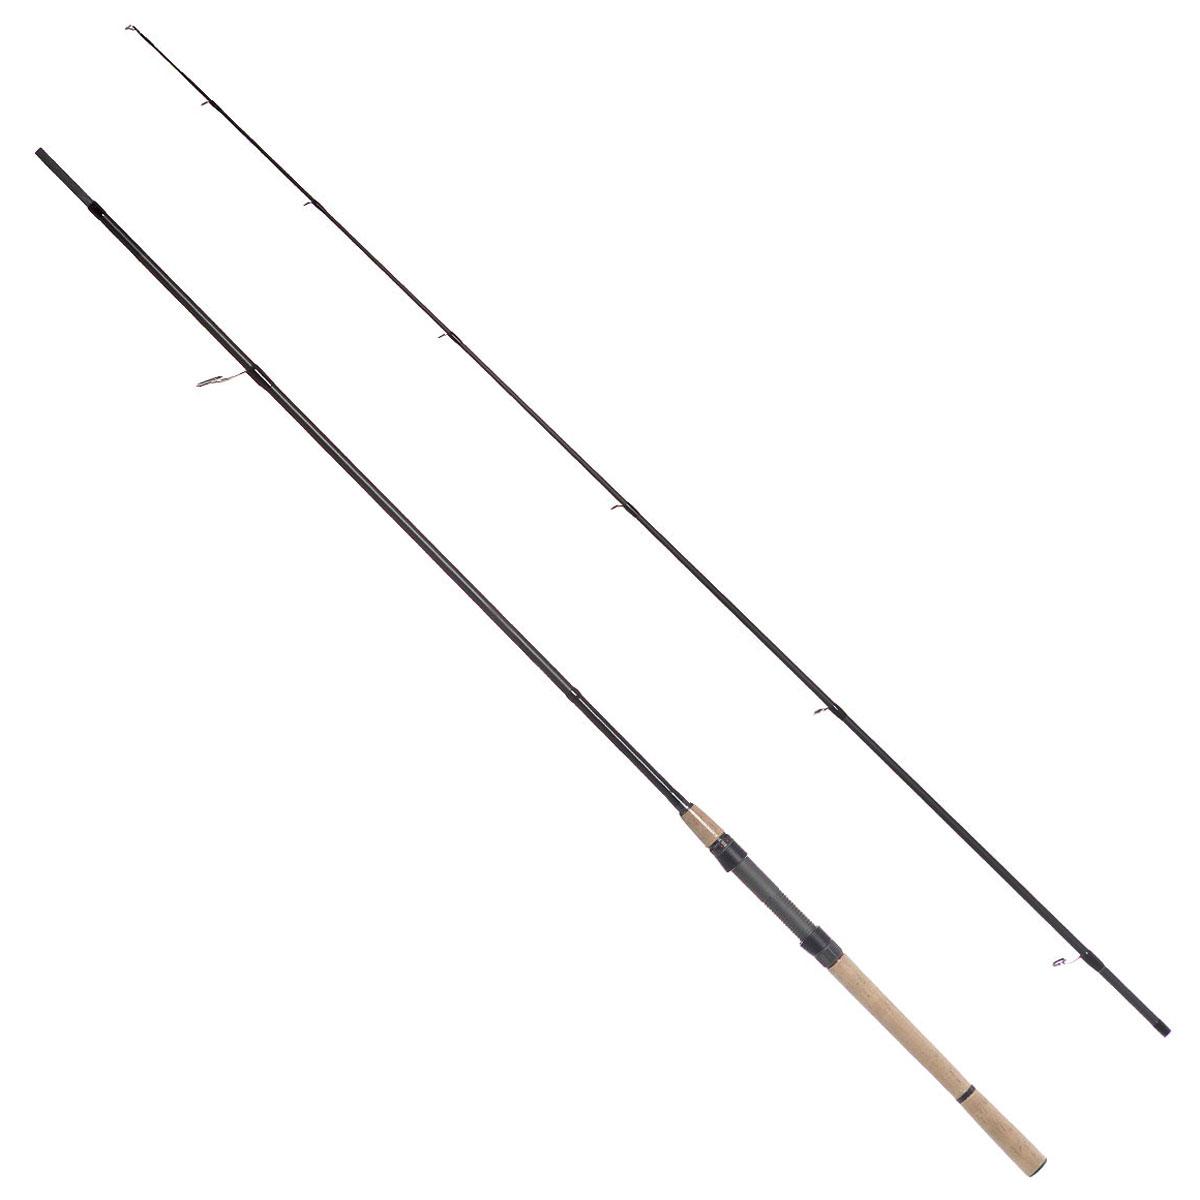 Спиннинг штекерный Daiwa Infinity-Q NEW Jigger, 2,4 м, 3-15 г спиннинг штекерный onlitop matrix 2 7 м 40 80 г